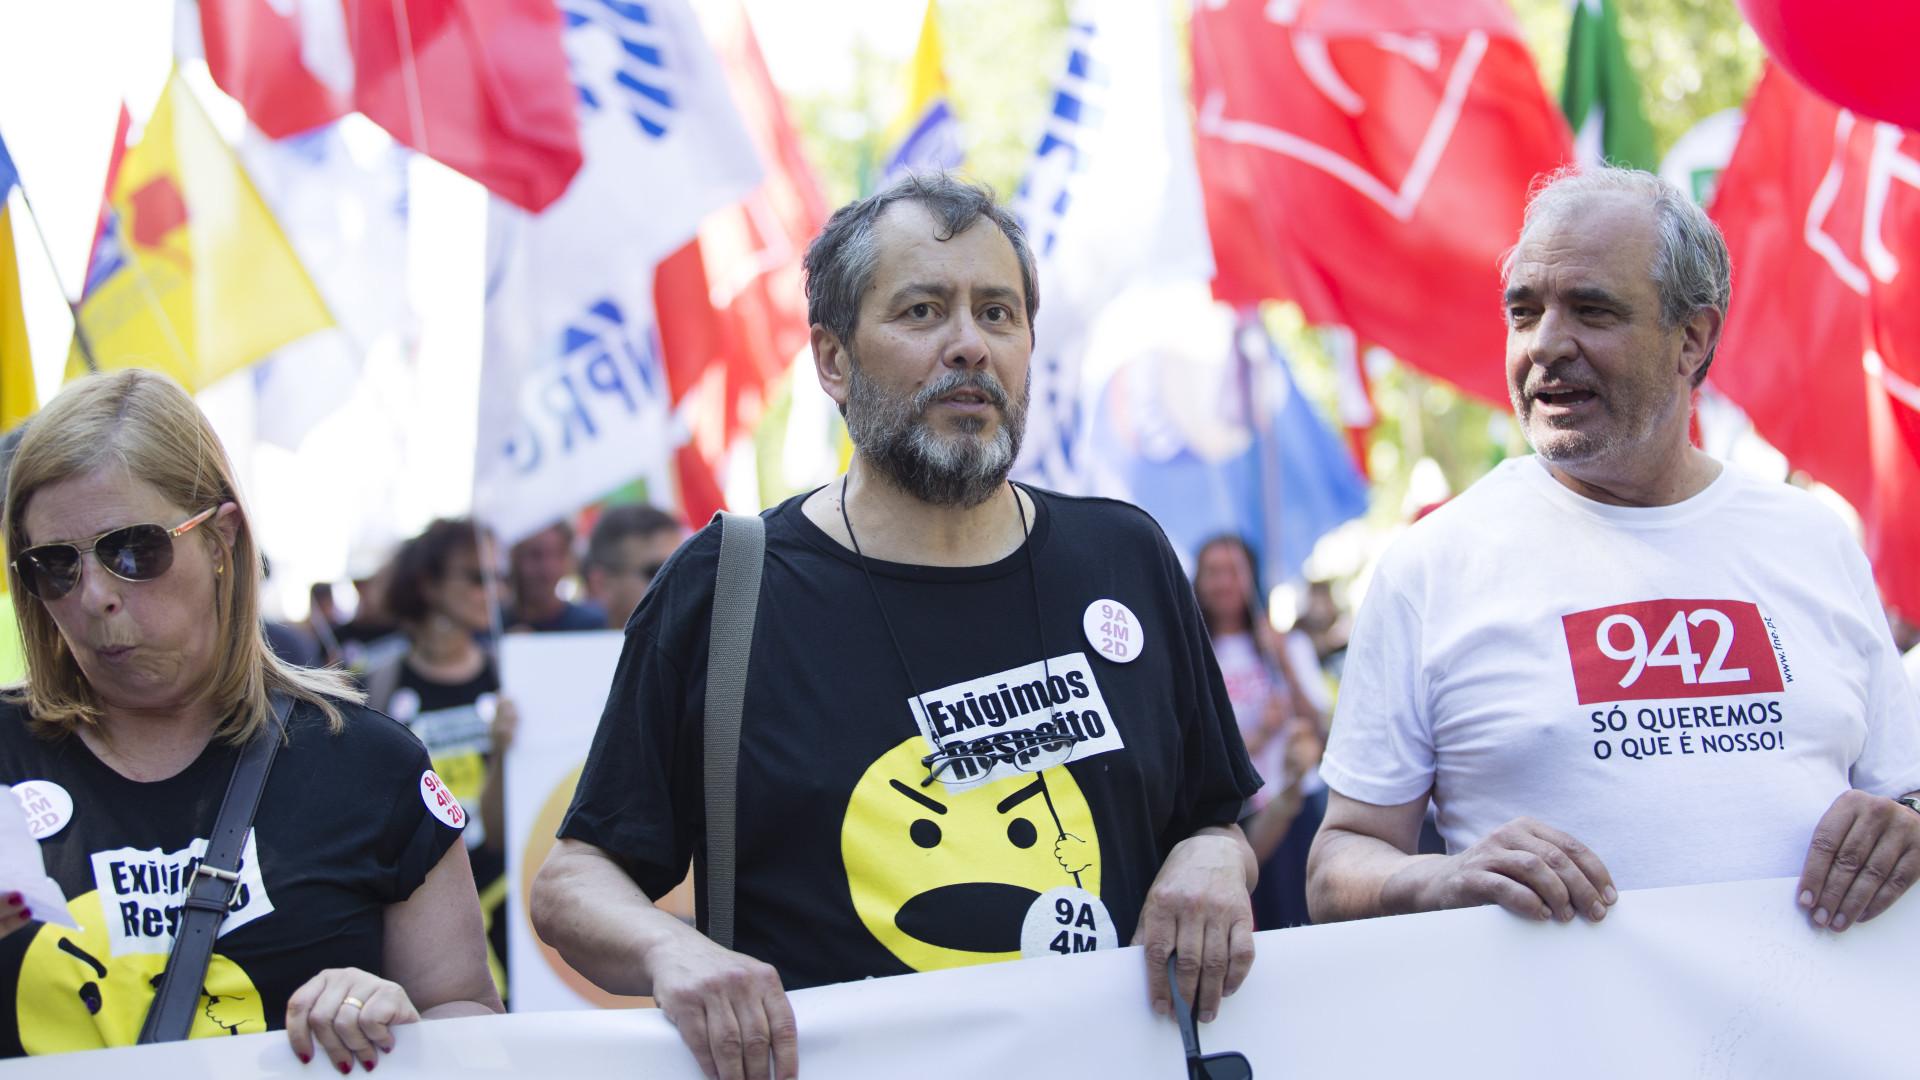 """Fenprof anuncia protesto na rua. Governo """"tarda em iniciar negociações"""""""